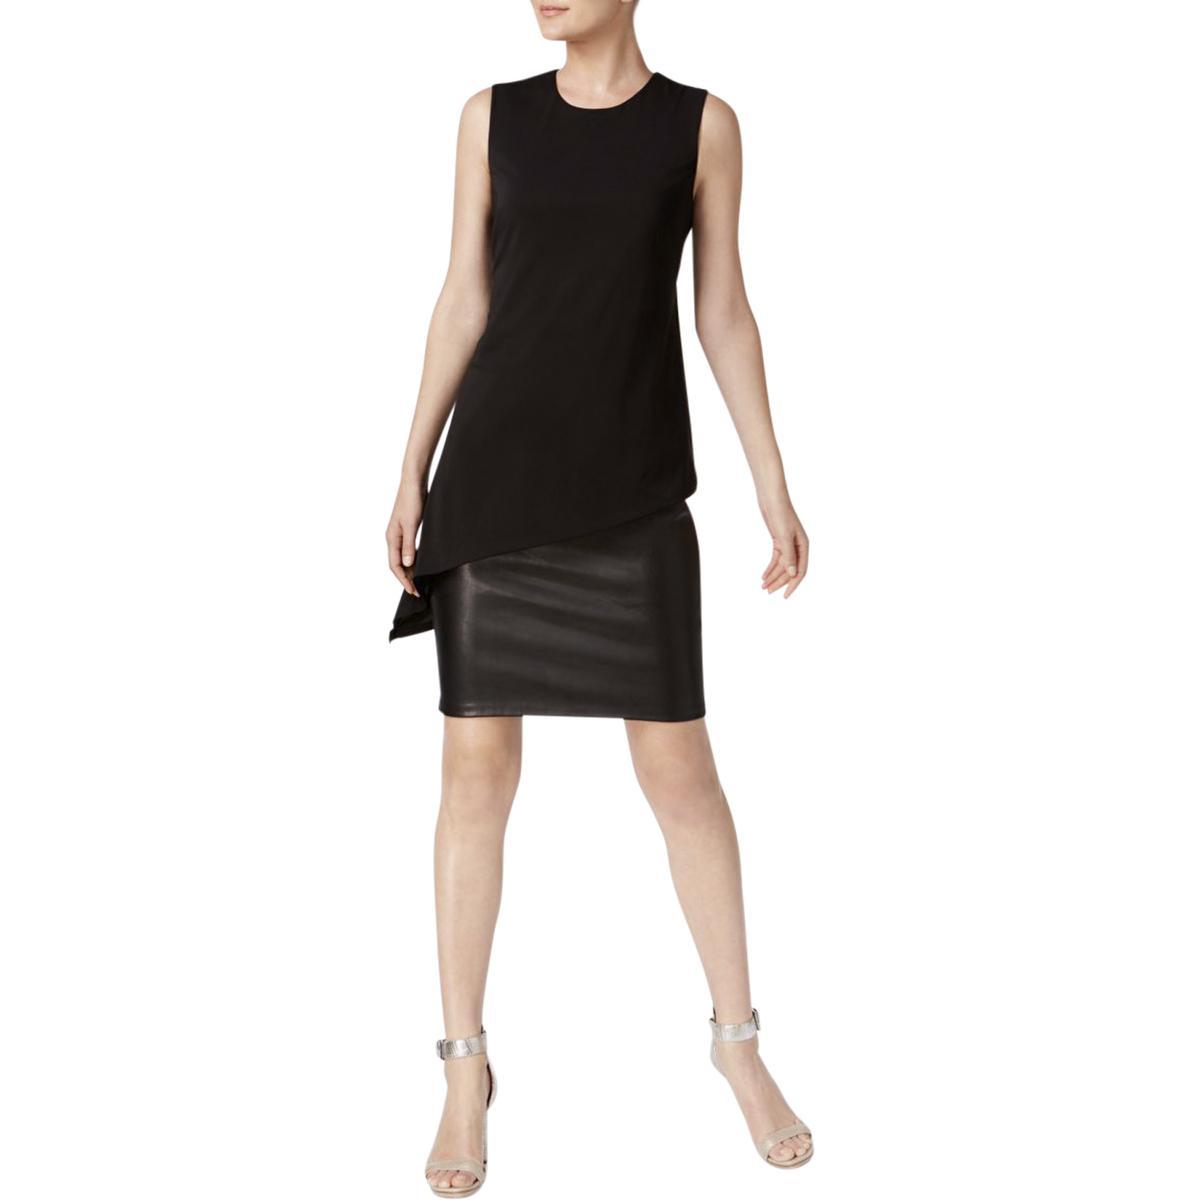 18487e21808 Details about Calvin Klein Womens Black Faux Leather Mini Party Cocktail  Dress 2 BHFO 4722